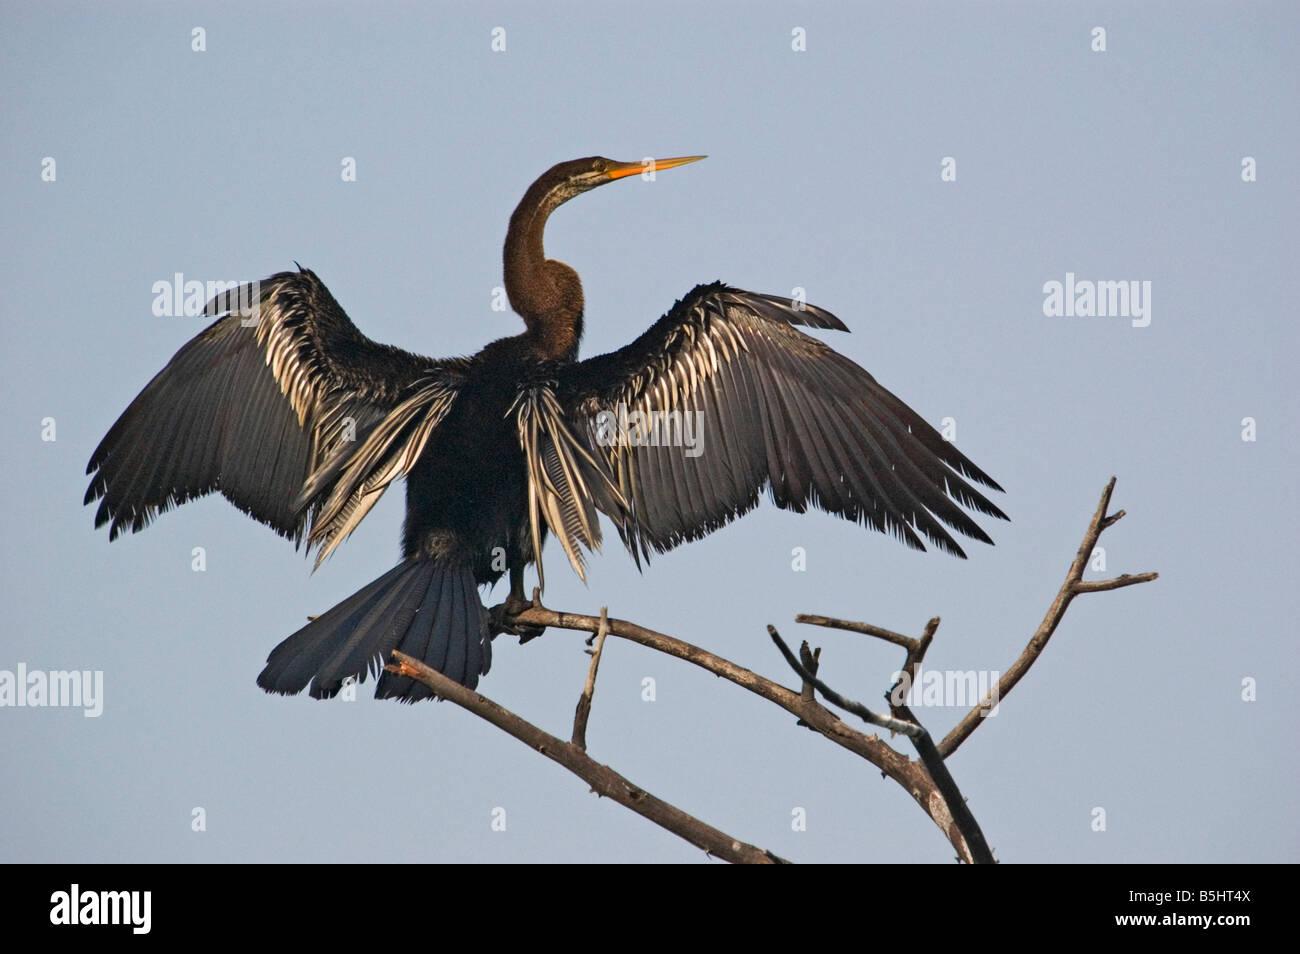 Oriental Darter or Indian Darter (Anhinga melanogaster) drying wings - Stock Image